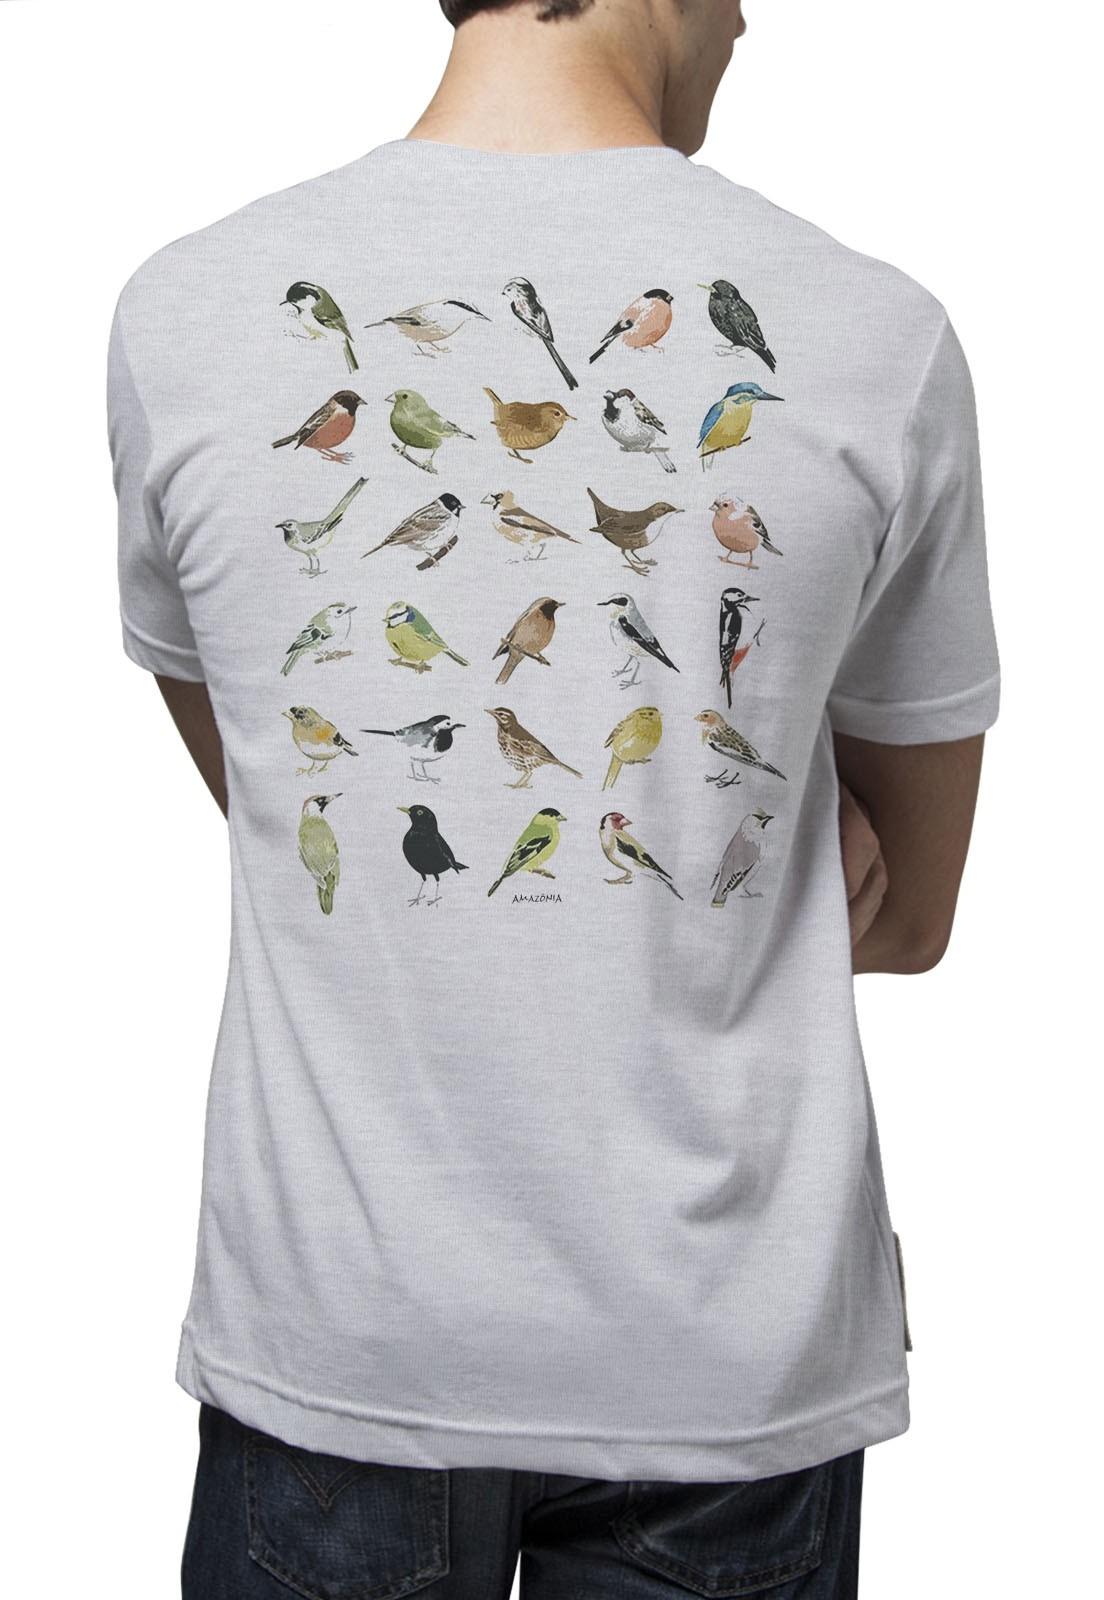 Camiseta Amazônia Ornitologia - Mescla Claro